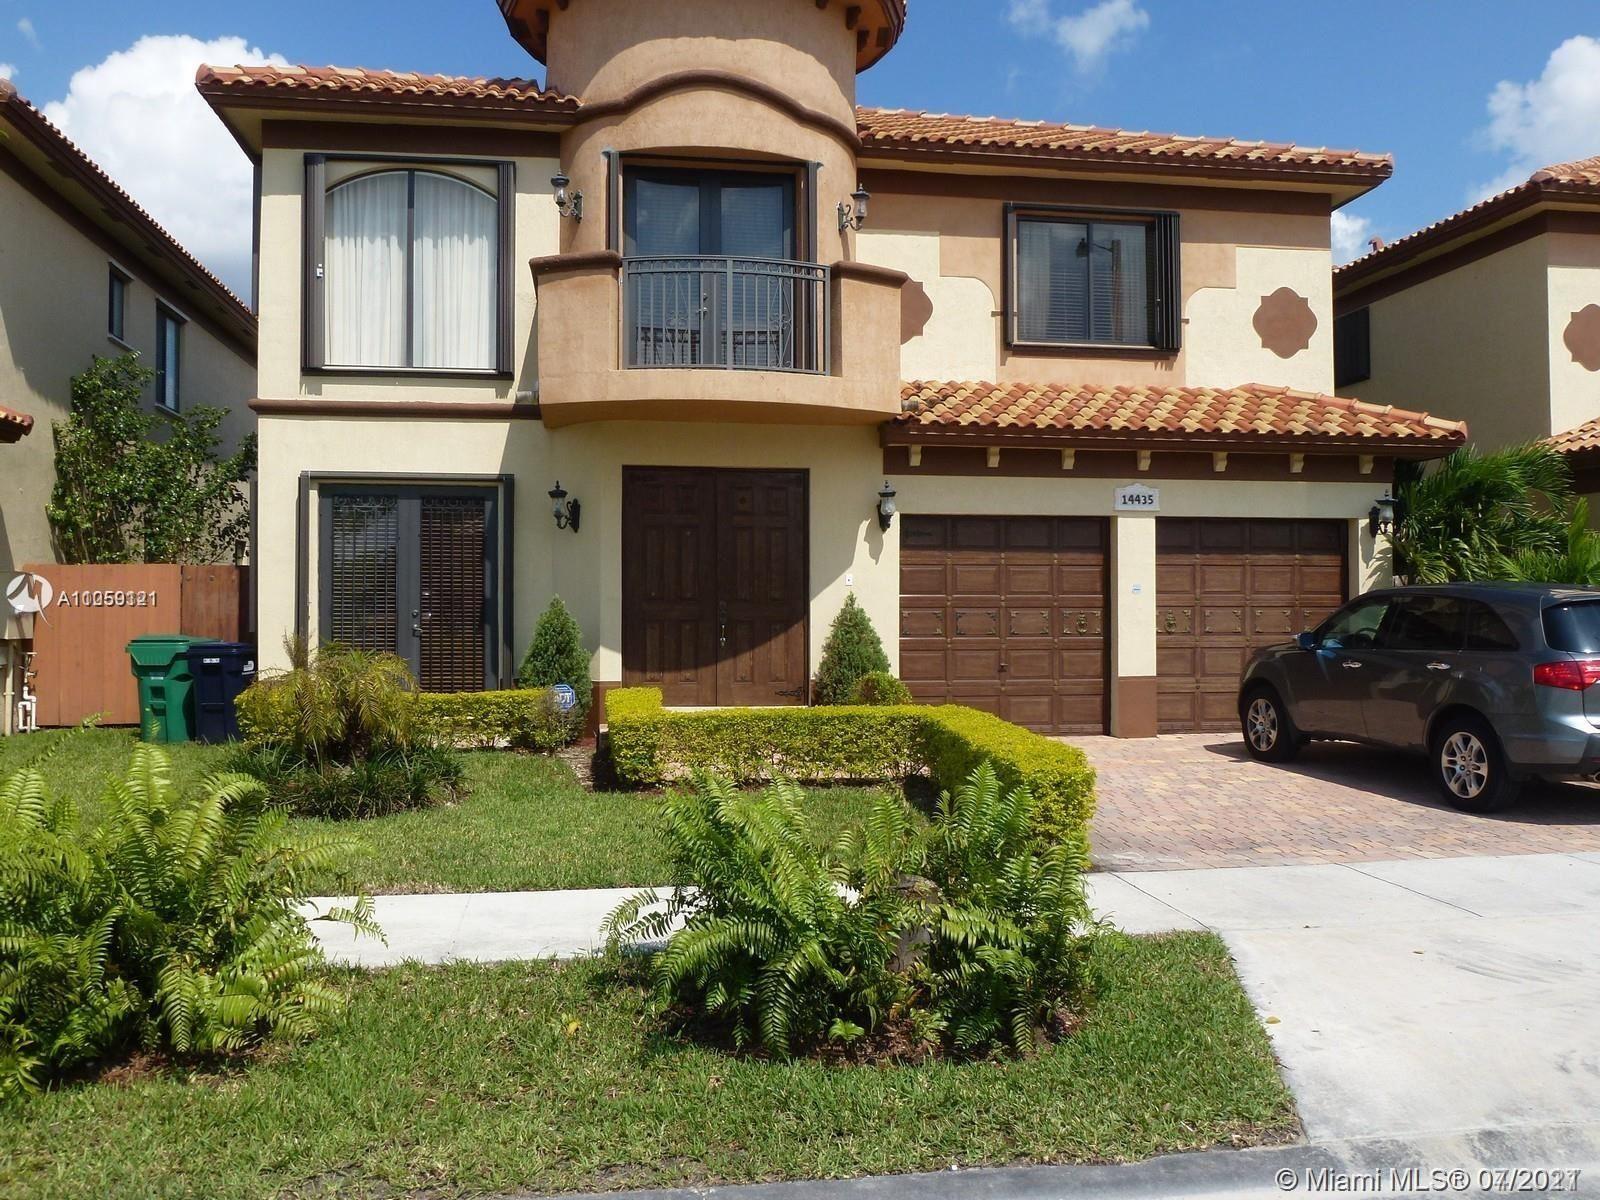 14435 SW 23rd Ter, Miami, FL 33175 - #: A11059121